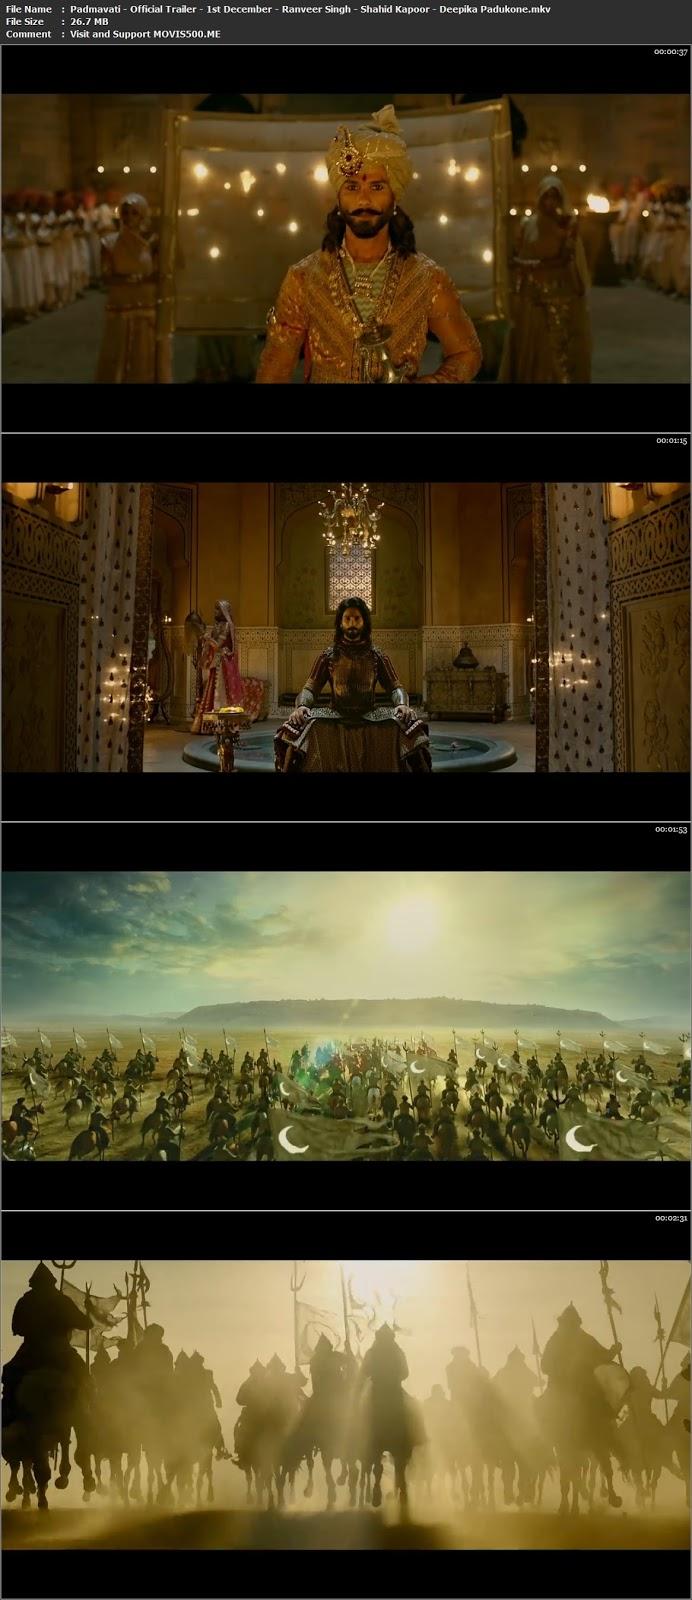 Padmavati 2017 Hindi Official Trailer HD Download 720p